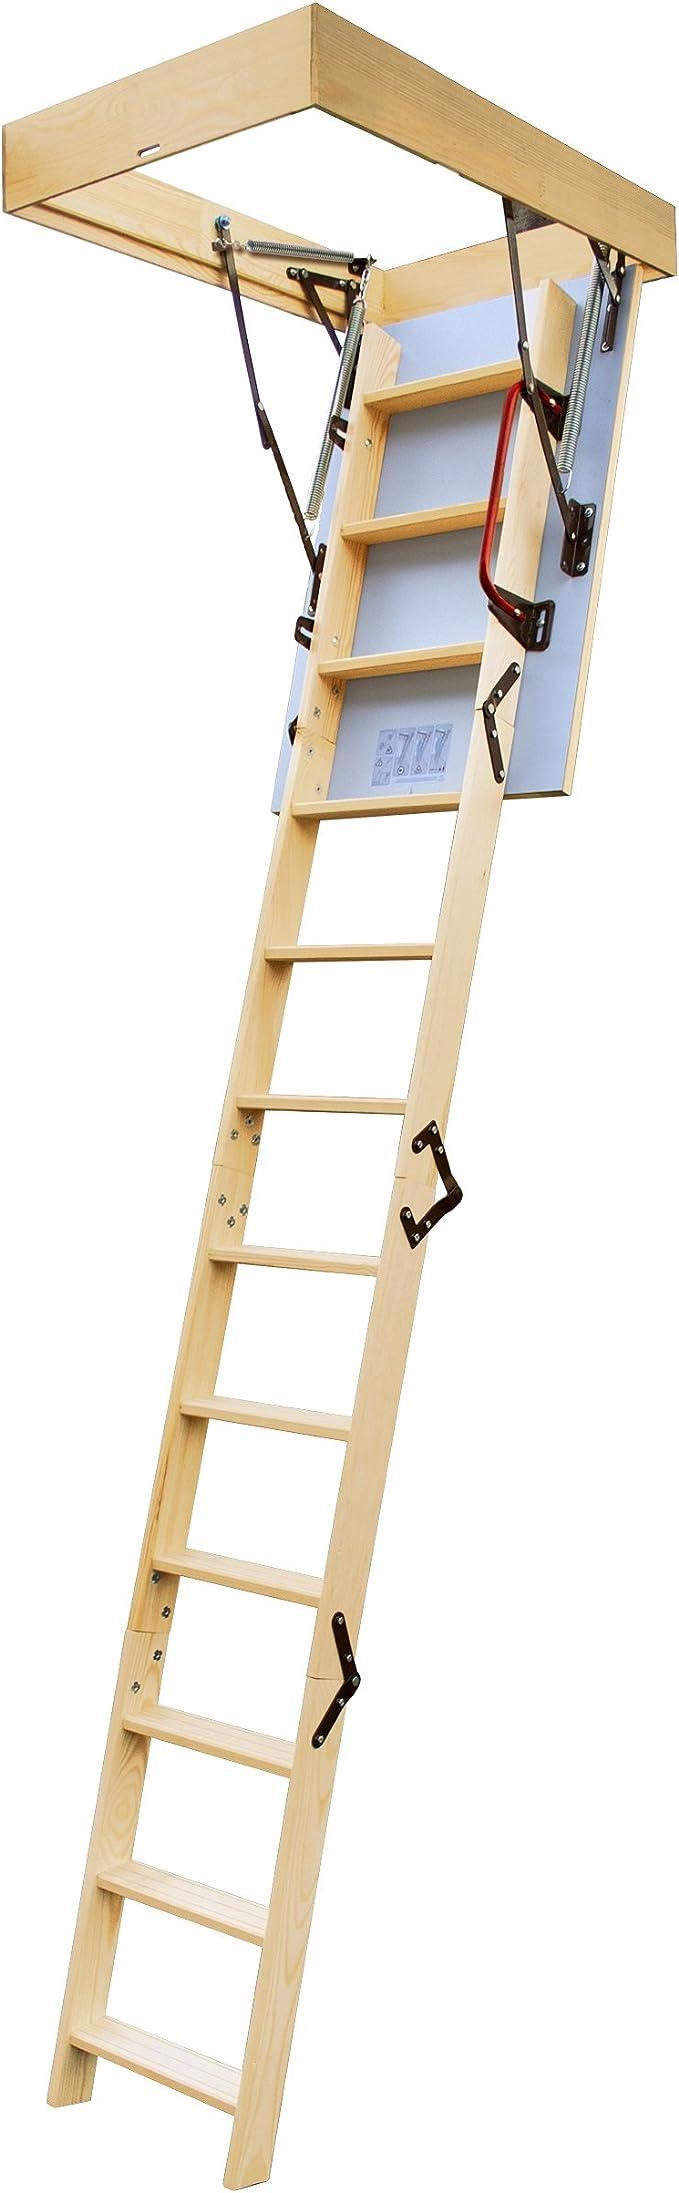 Lyte Easiloft - Escalera para buhardilla (4 secciones, compuerta aislada y barandilla, ensamblada): Amazon.es: Bricolaje y herramientas